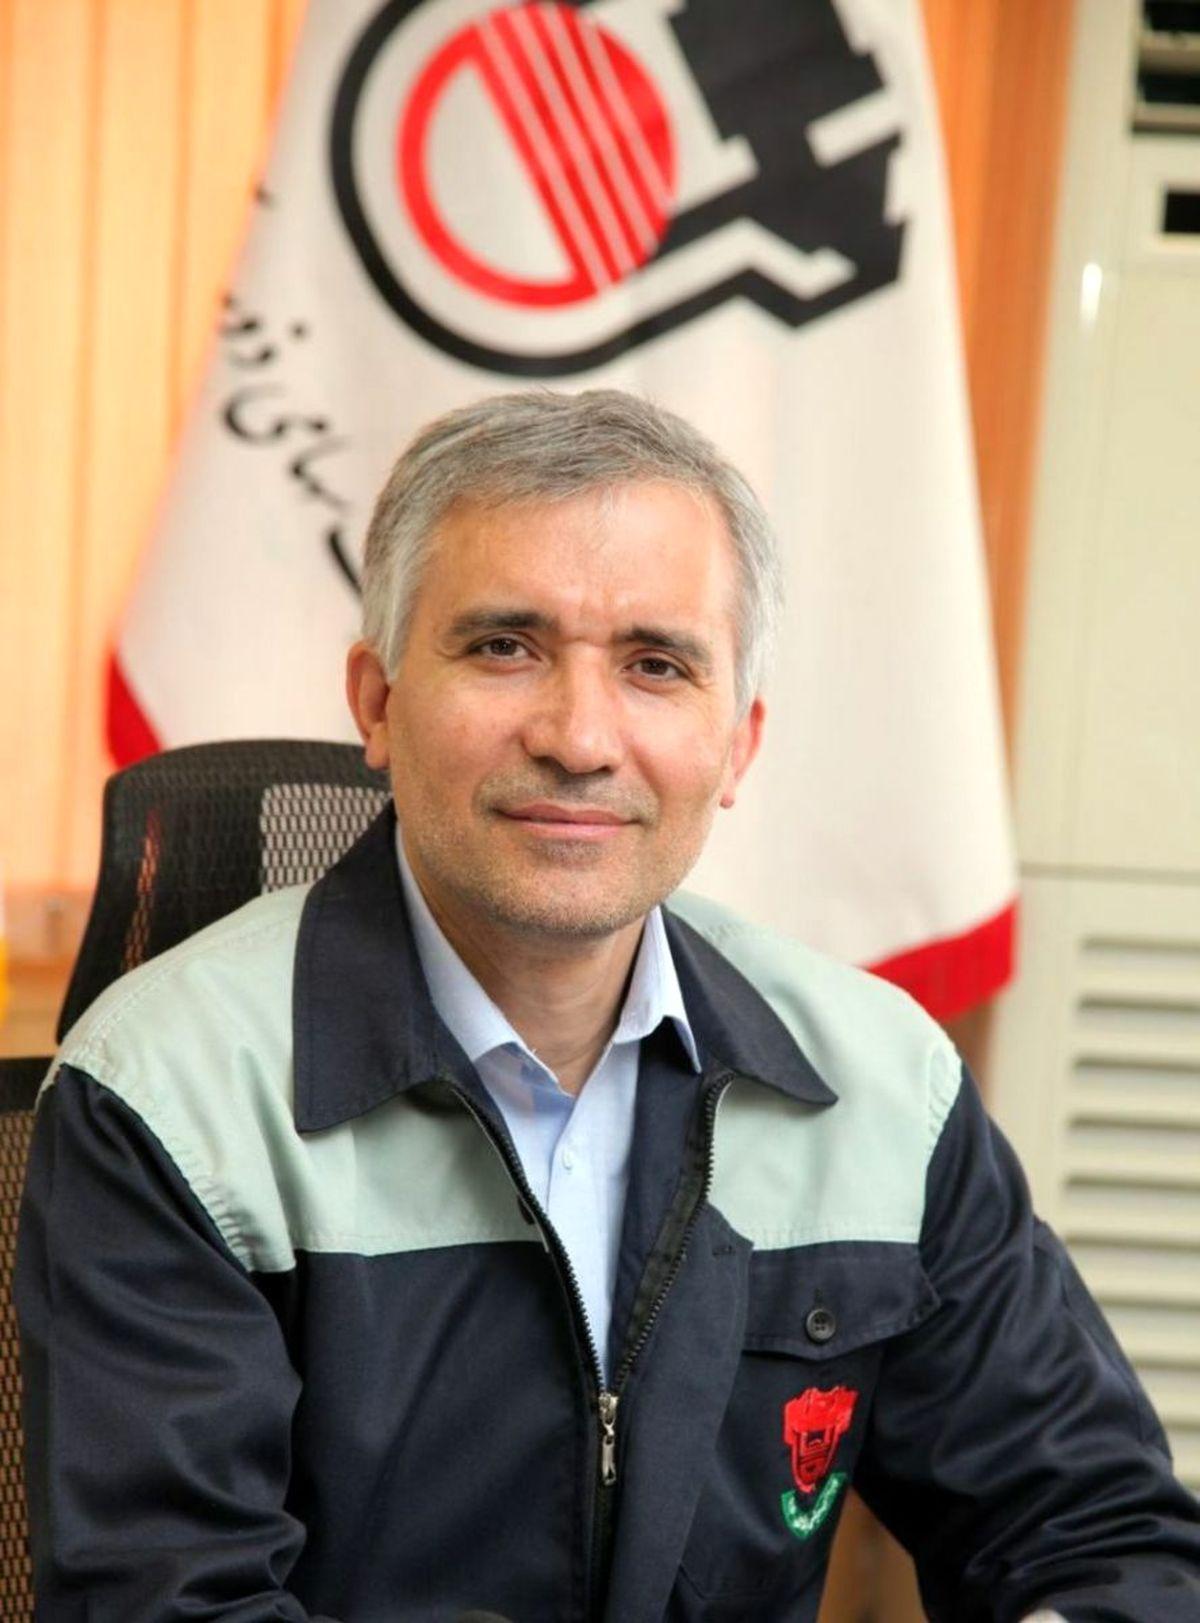 پیام مدیرعامل ذوبآهن اصفهان به مناسبت روز ارتباطات و روابط عمومی